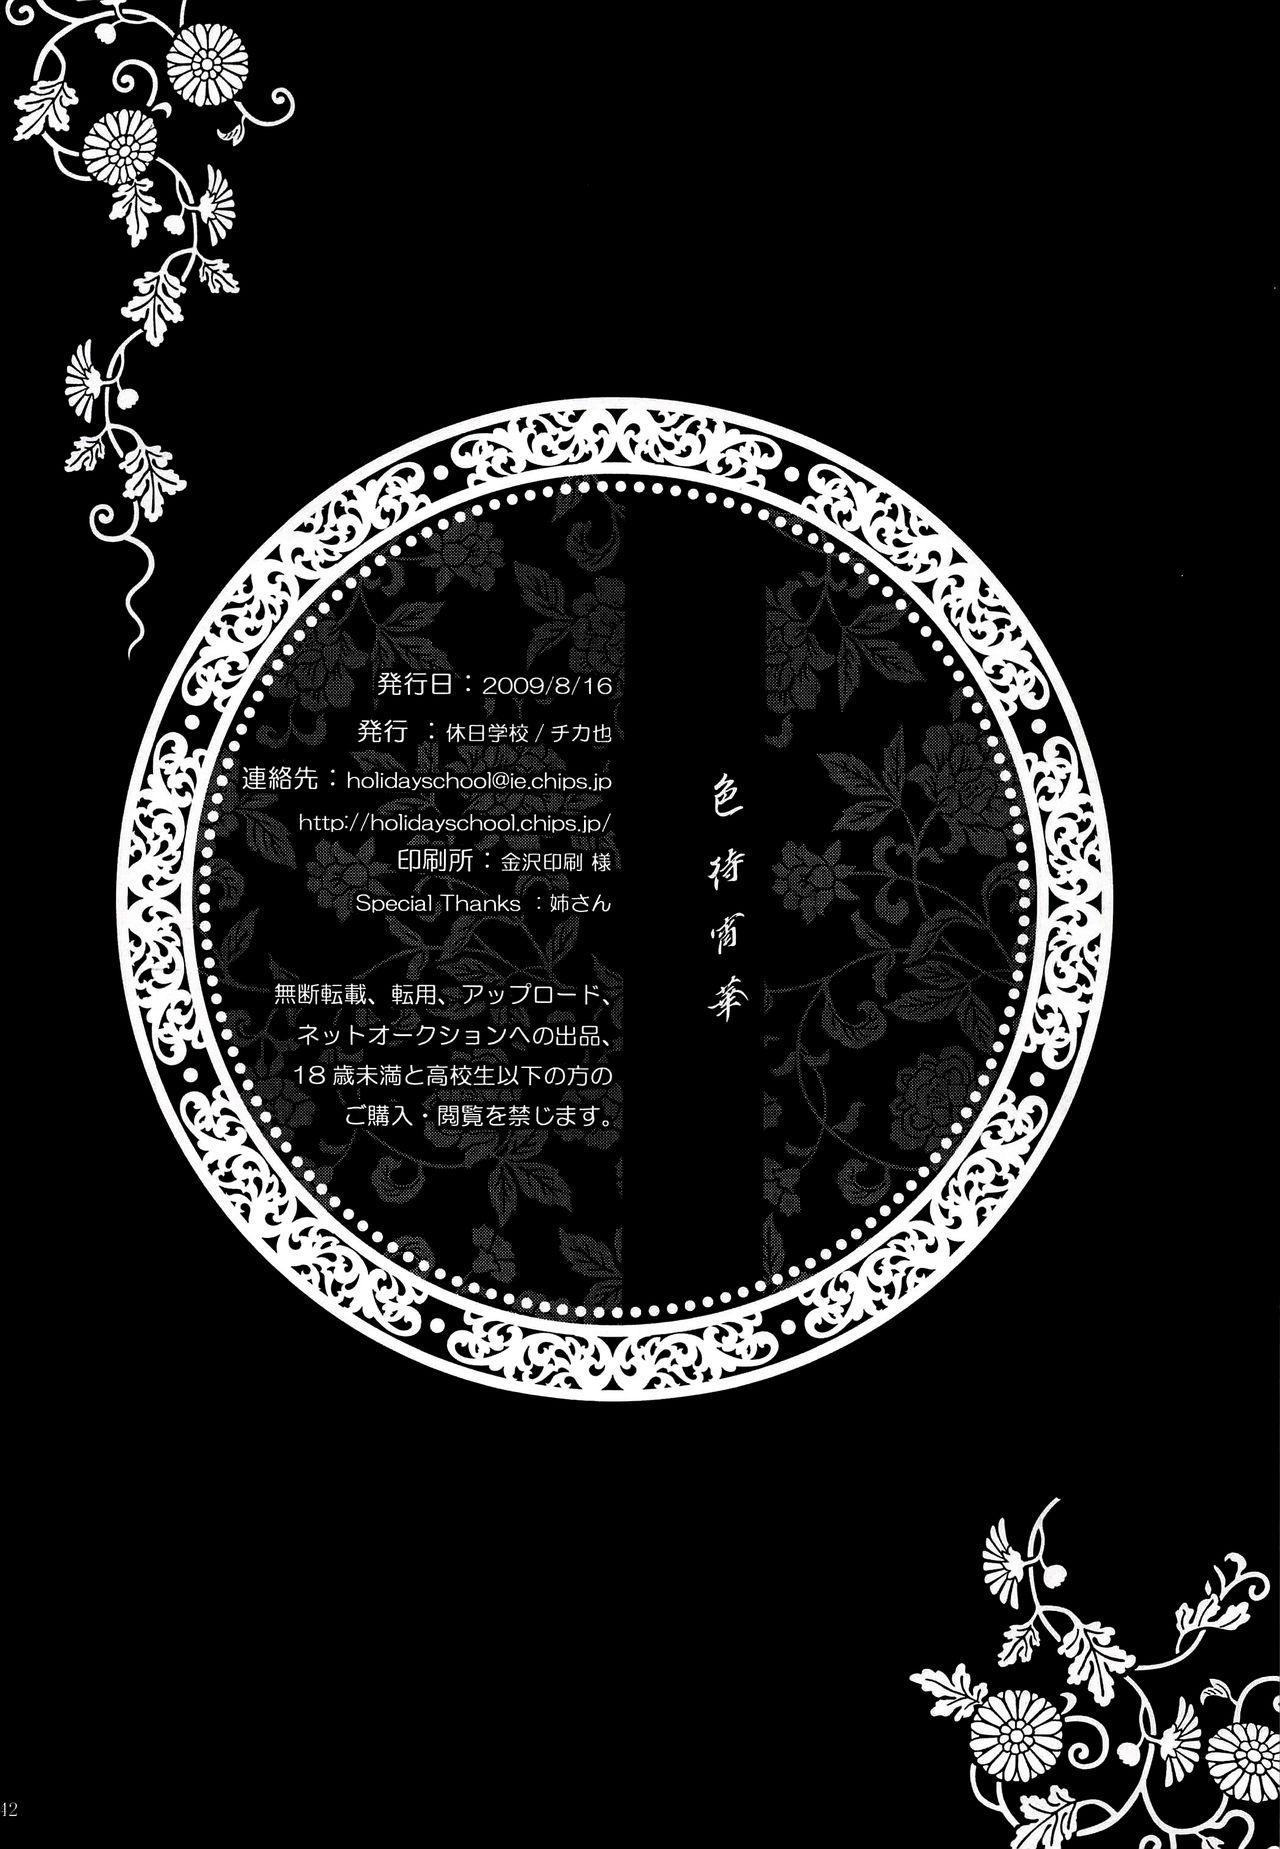 Iromatsuyoibana | Sensual night flower 40